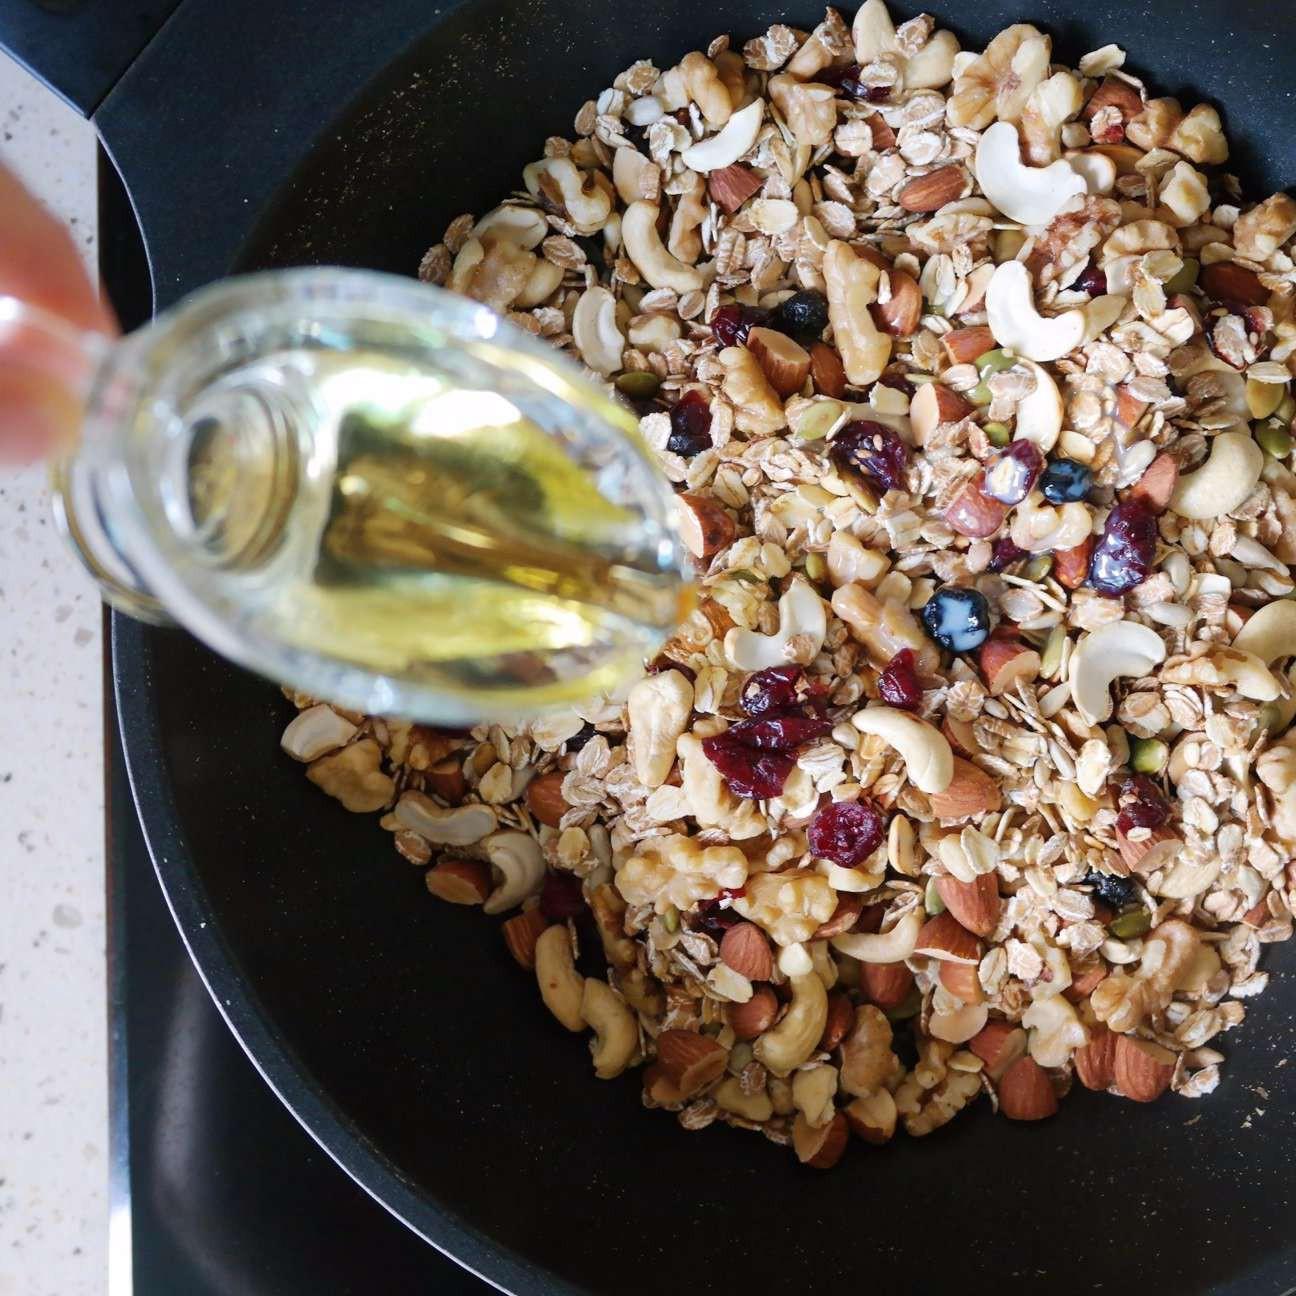 Cuối tuần rảnh làm ngay thanh ngũ cốc để ăn dần trong cả tuần cực tiện - 2